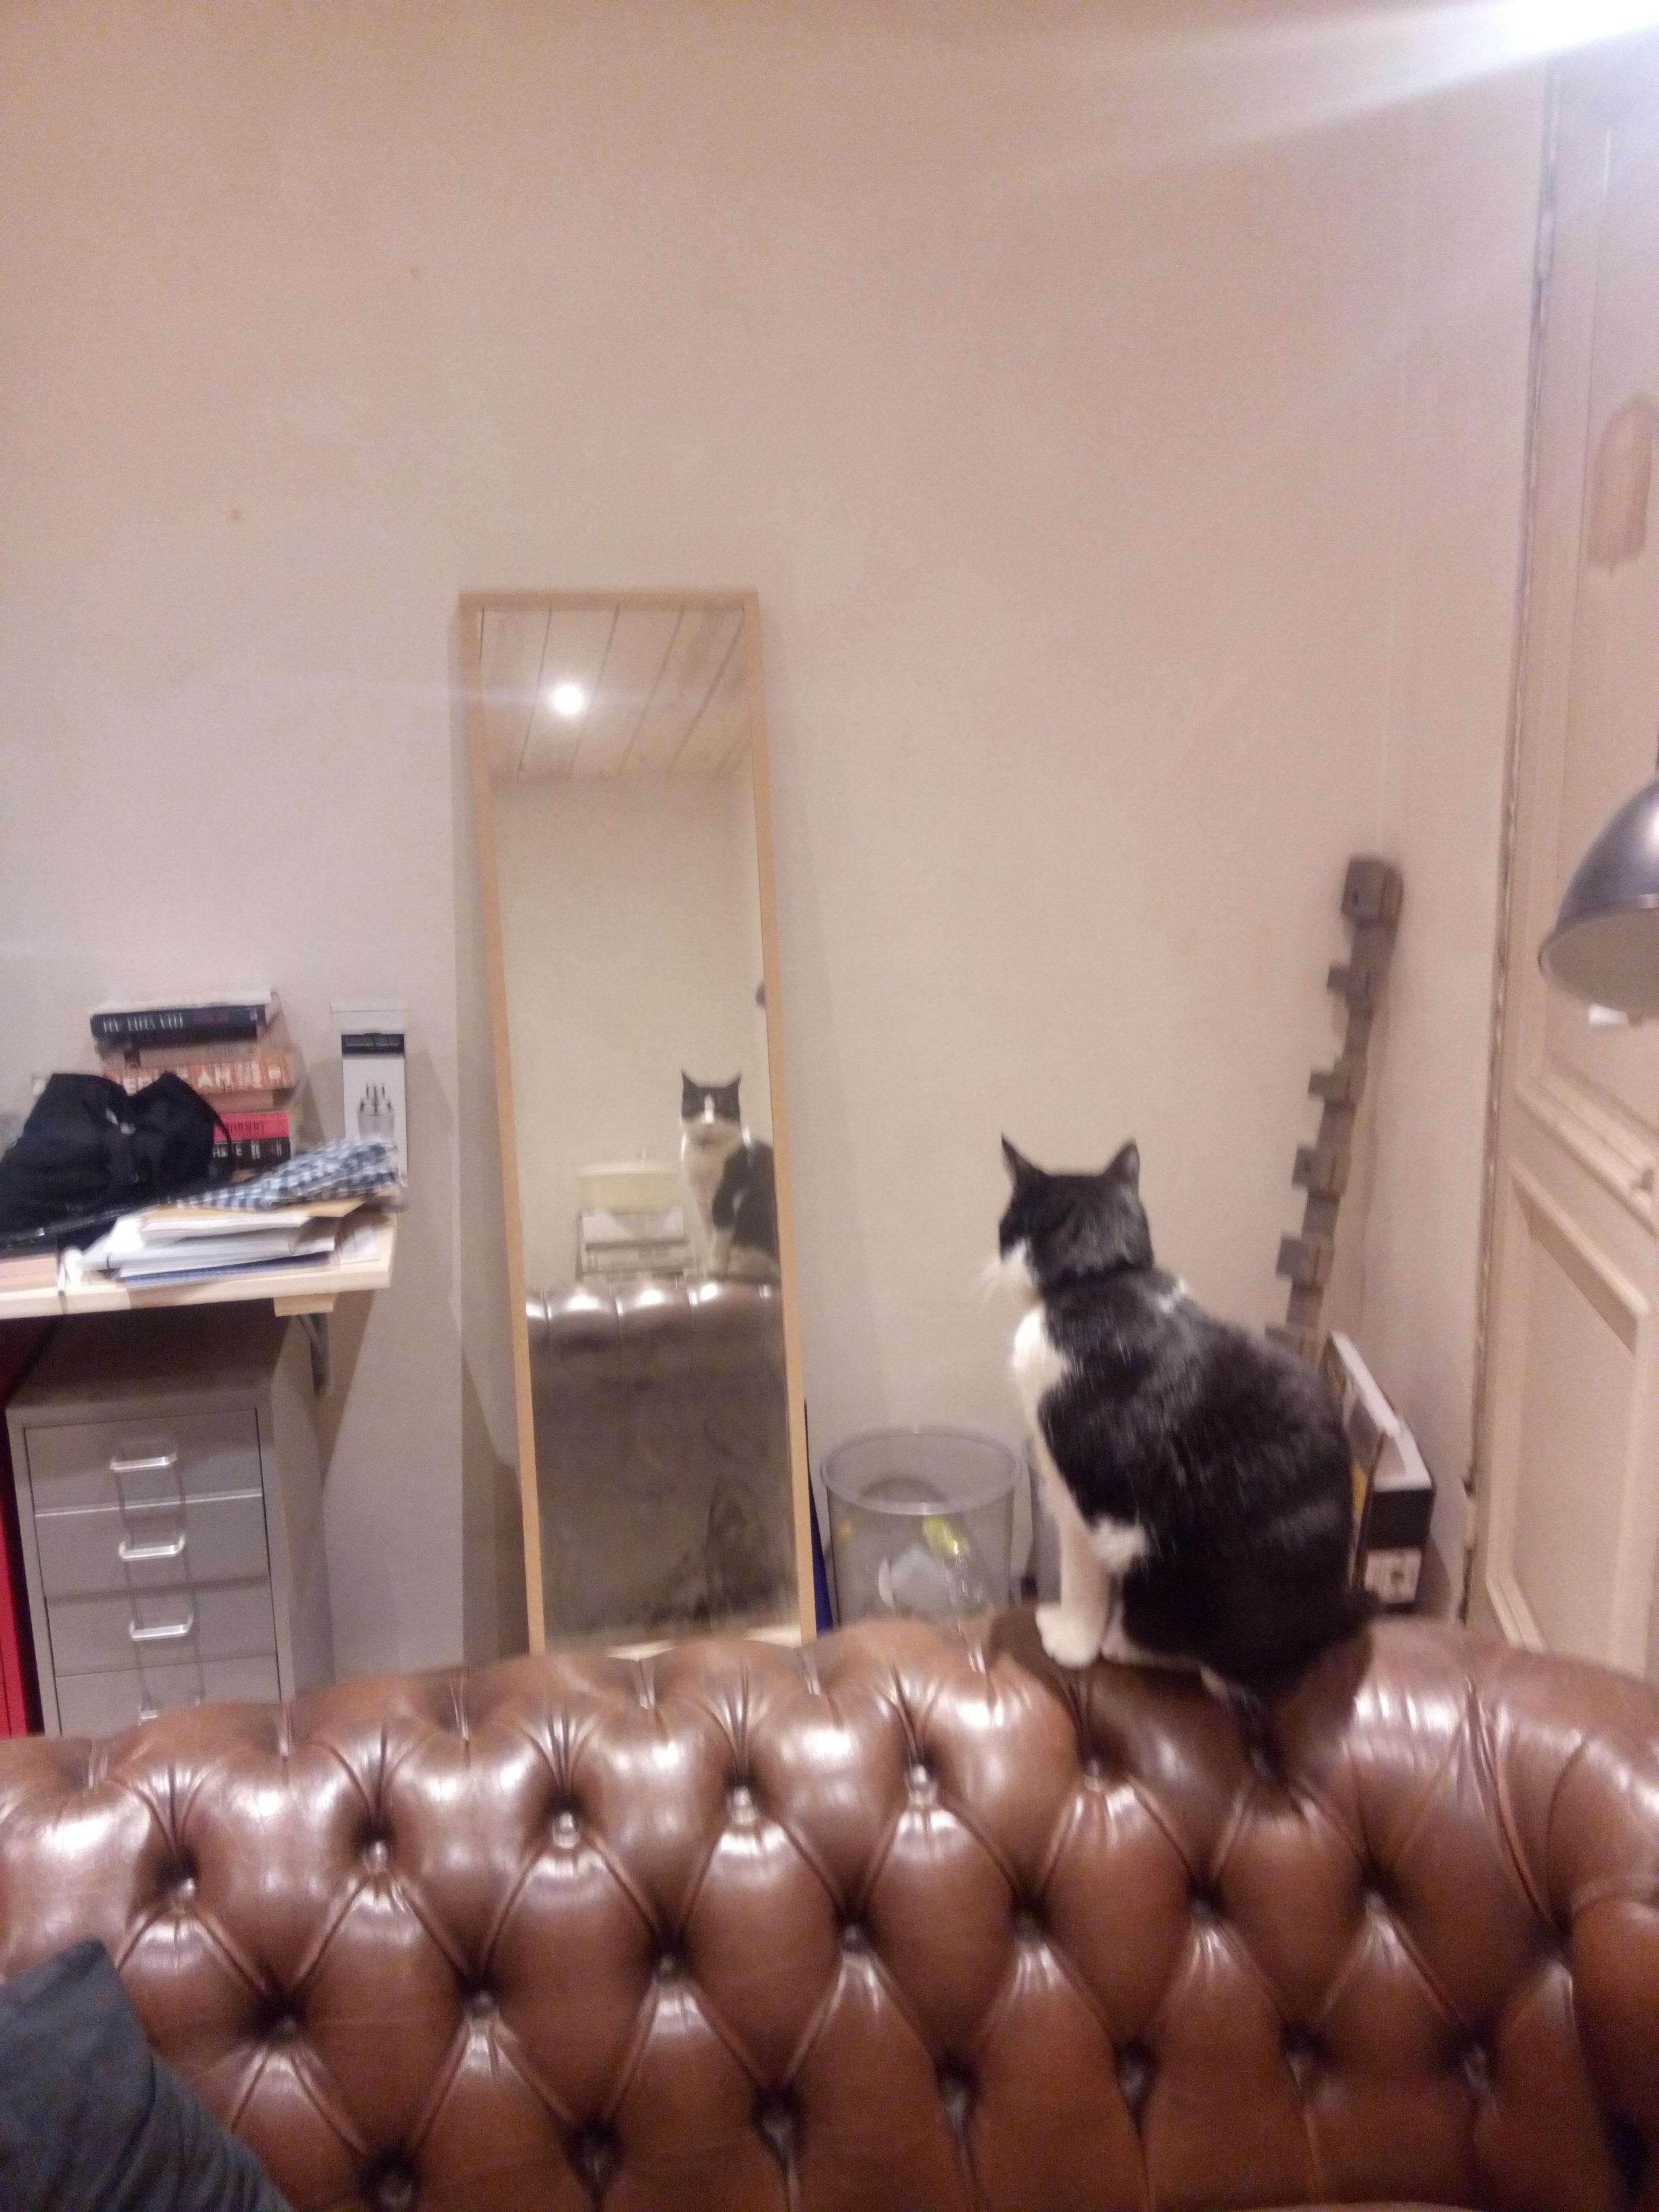 Jip in spiegel